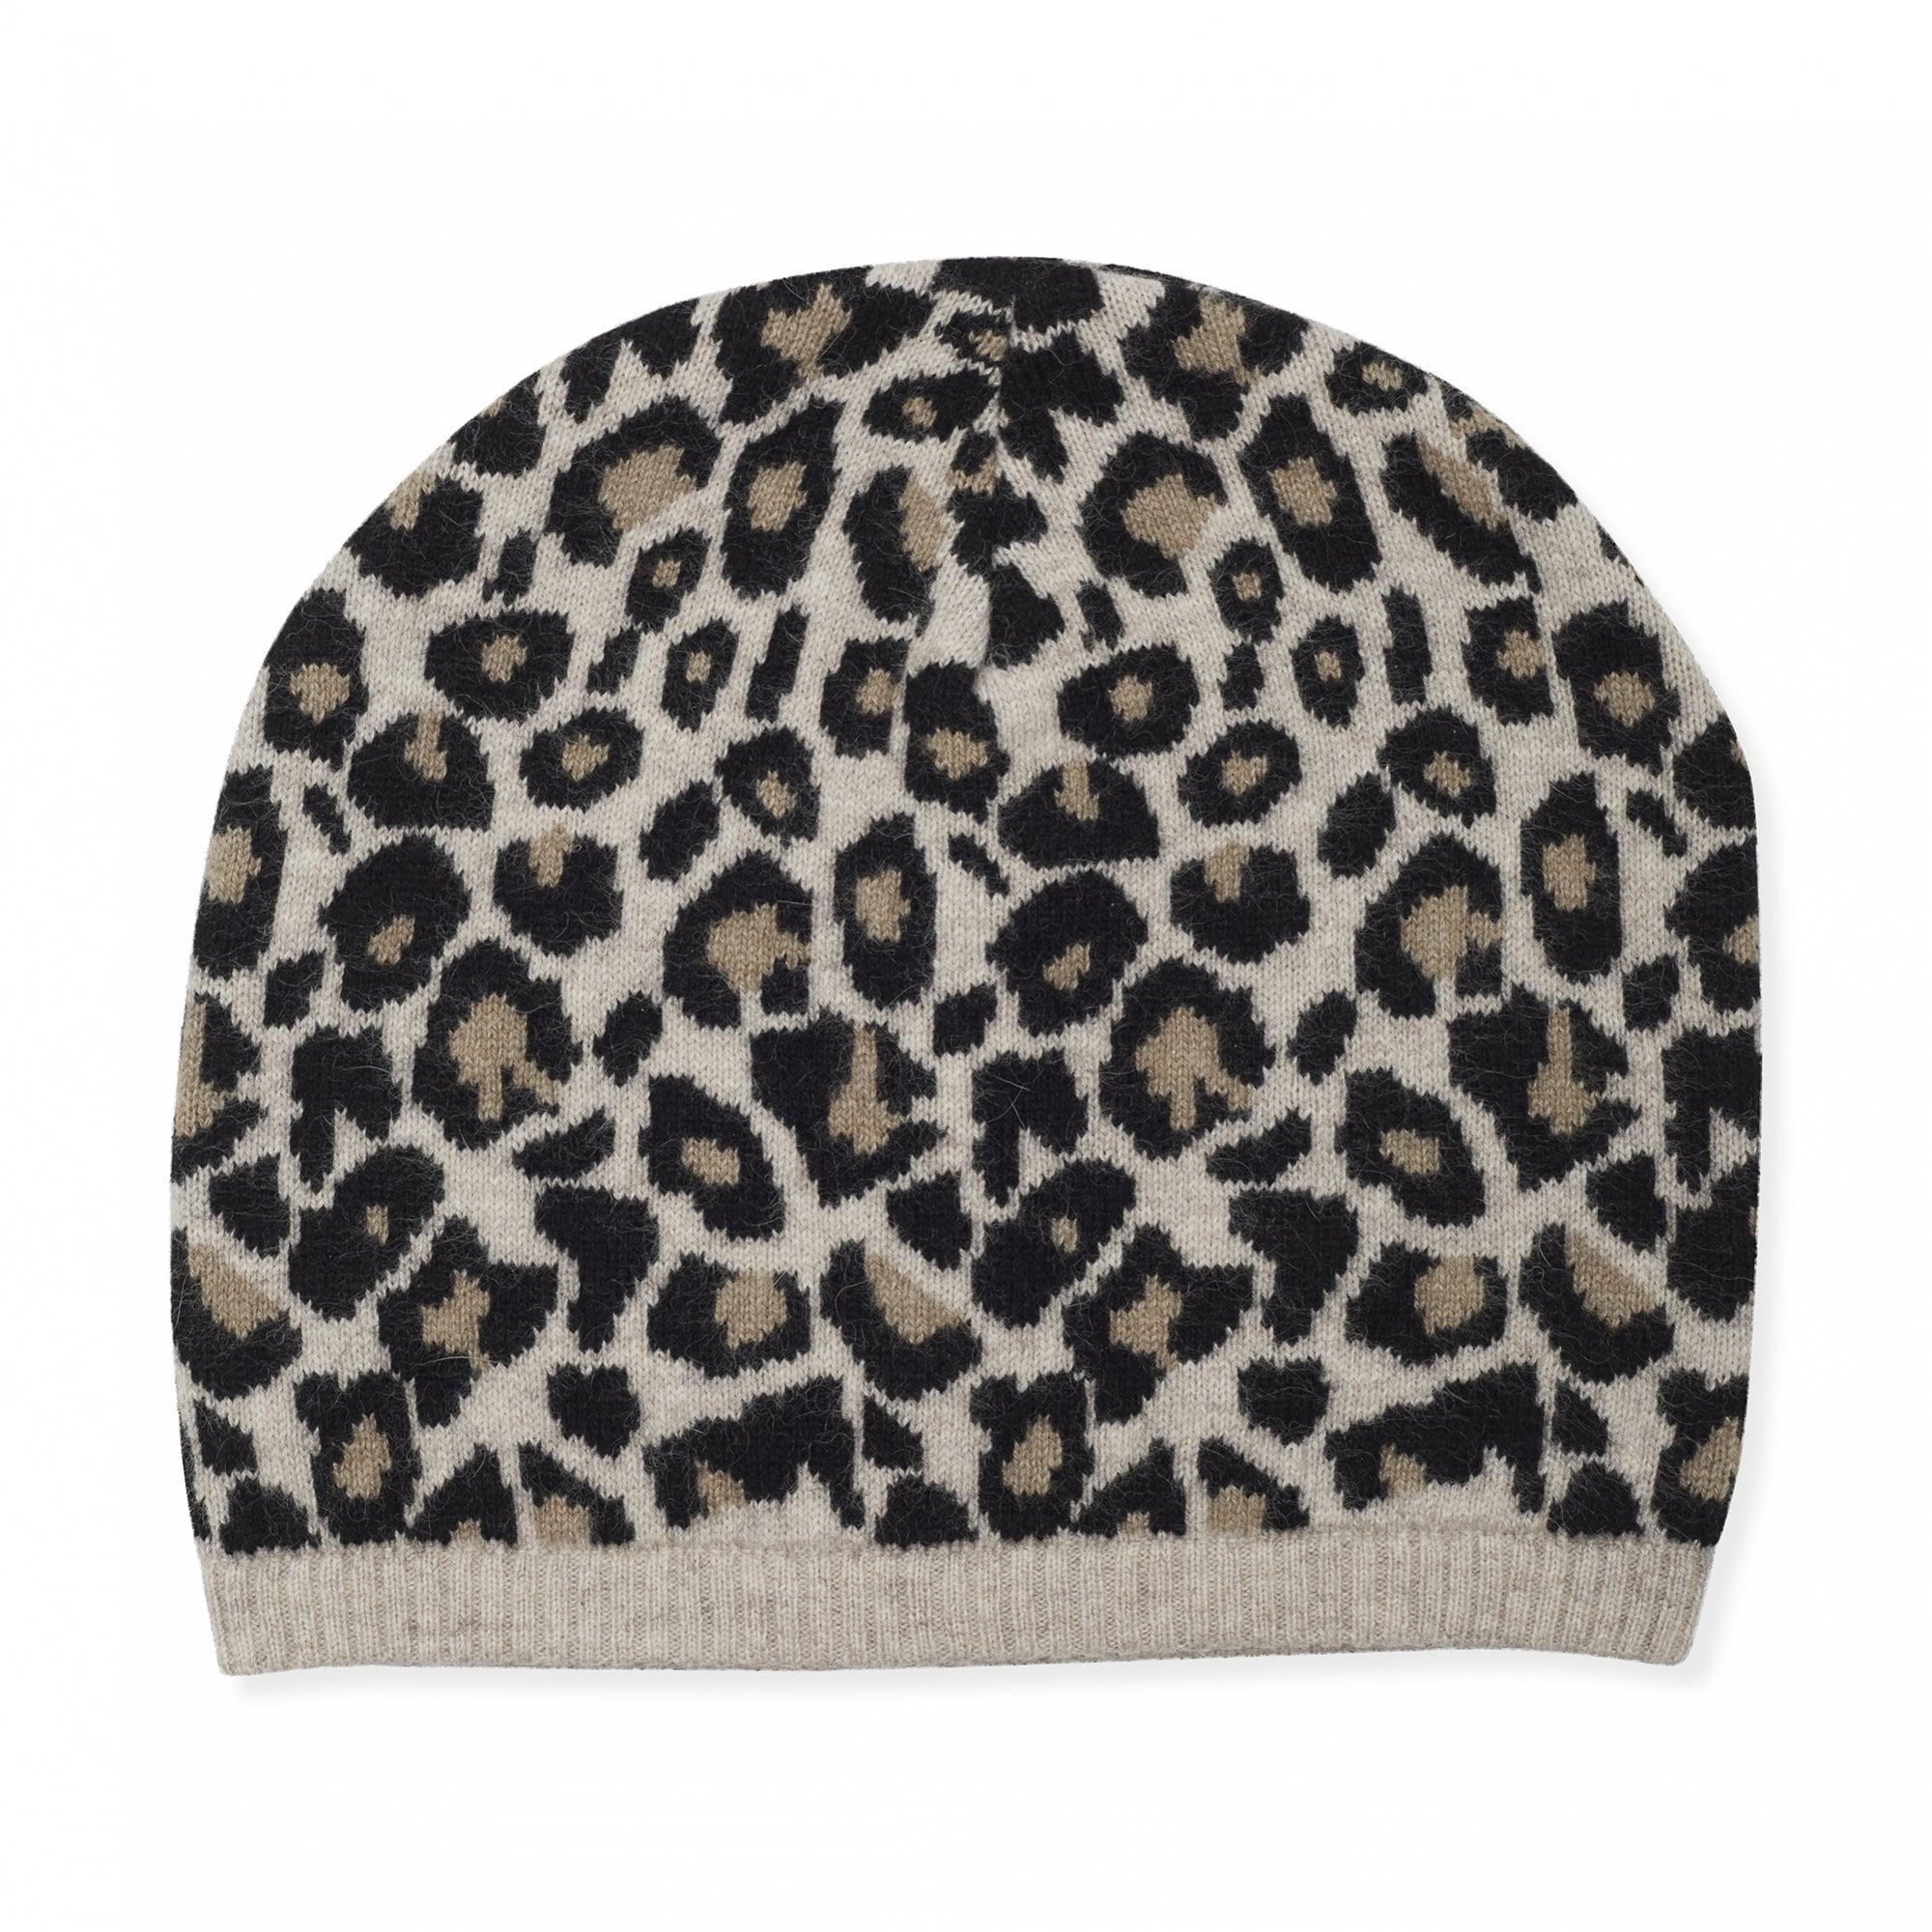 Cashmere Leopard Beanie Hat in Black Camel  bd408e4e946